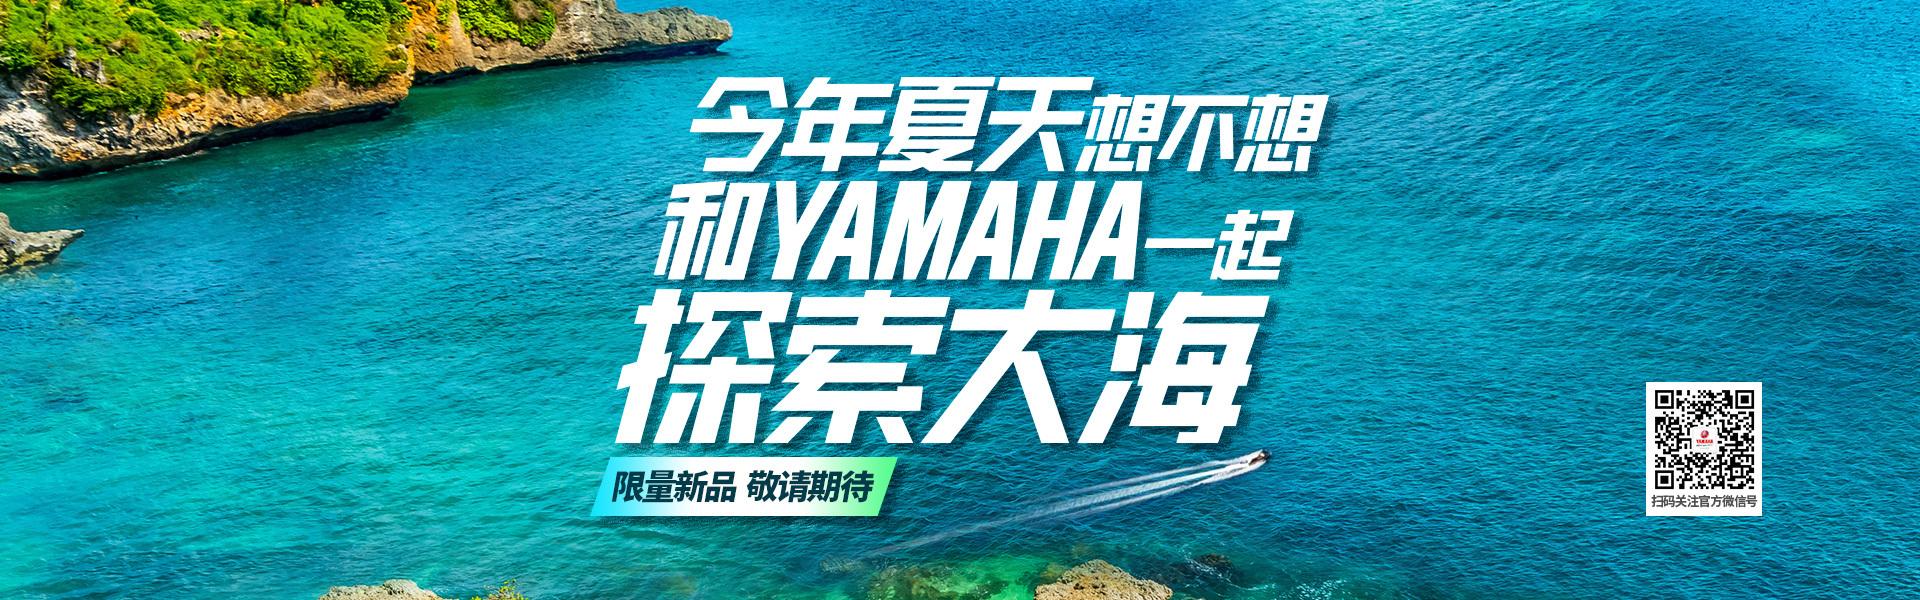 今年夏天想不想和雅马哈一起探索大海